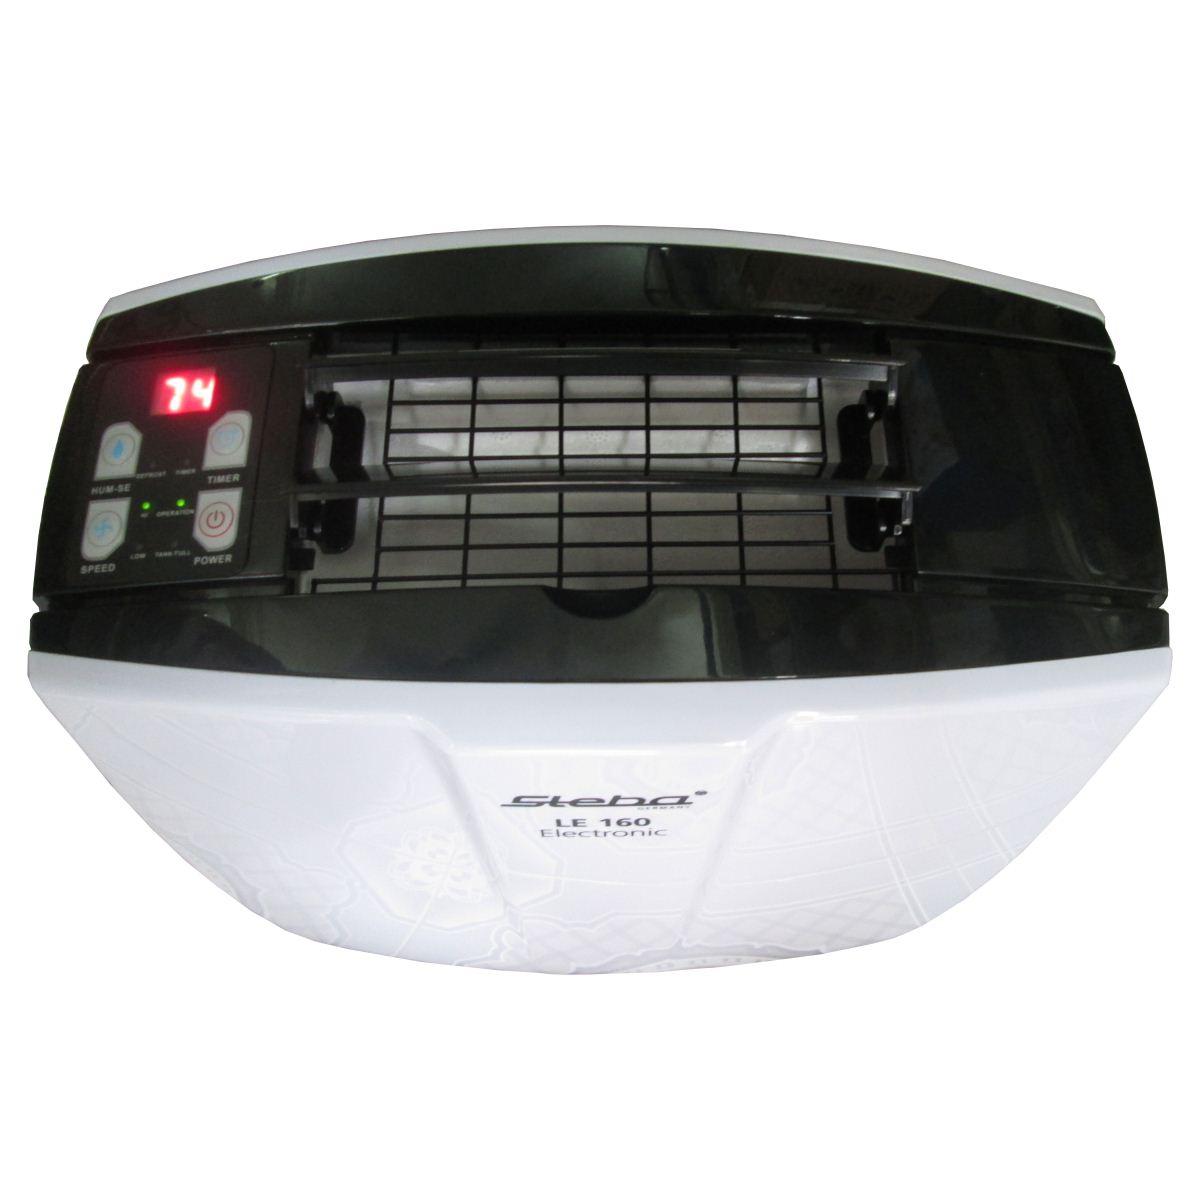 Bảng điều khiển của máy hút ẩm Steba LE160